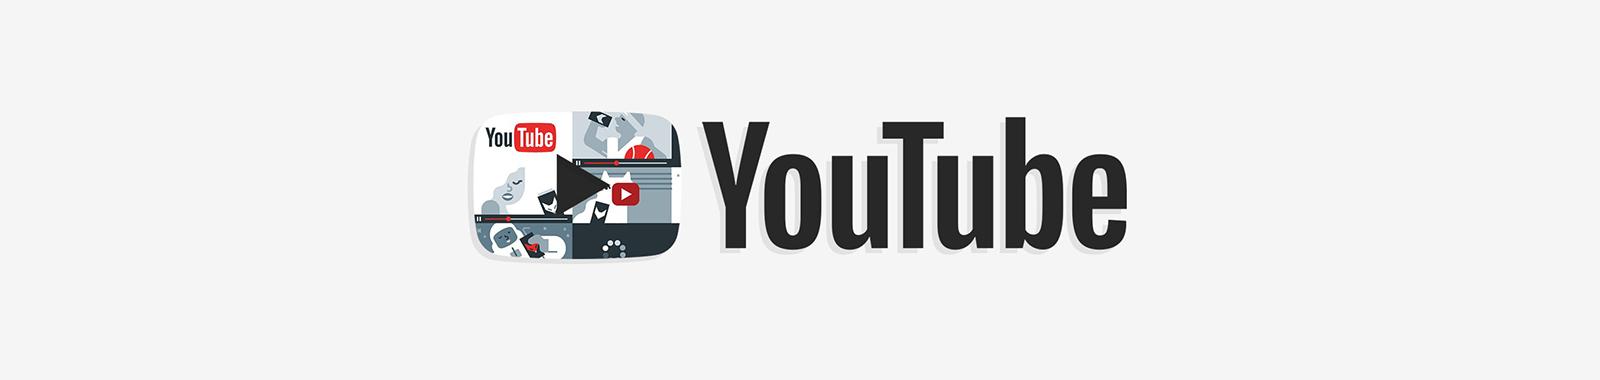 youtube-brand-safety-eye